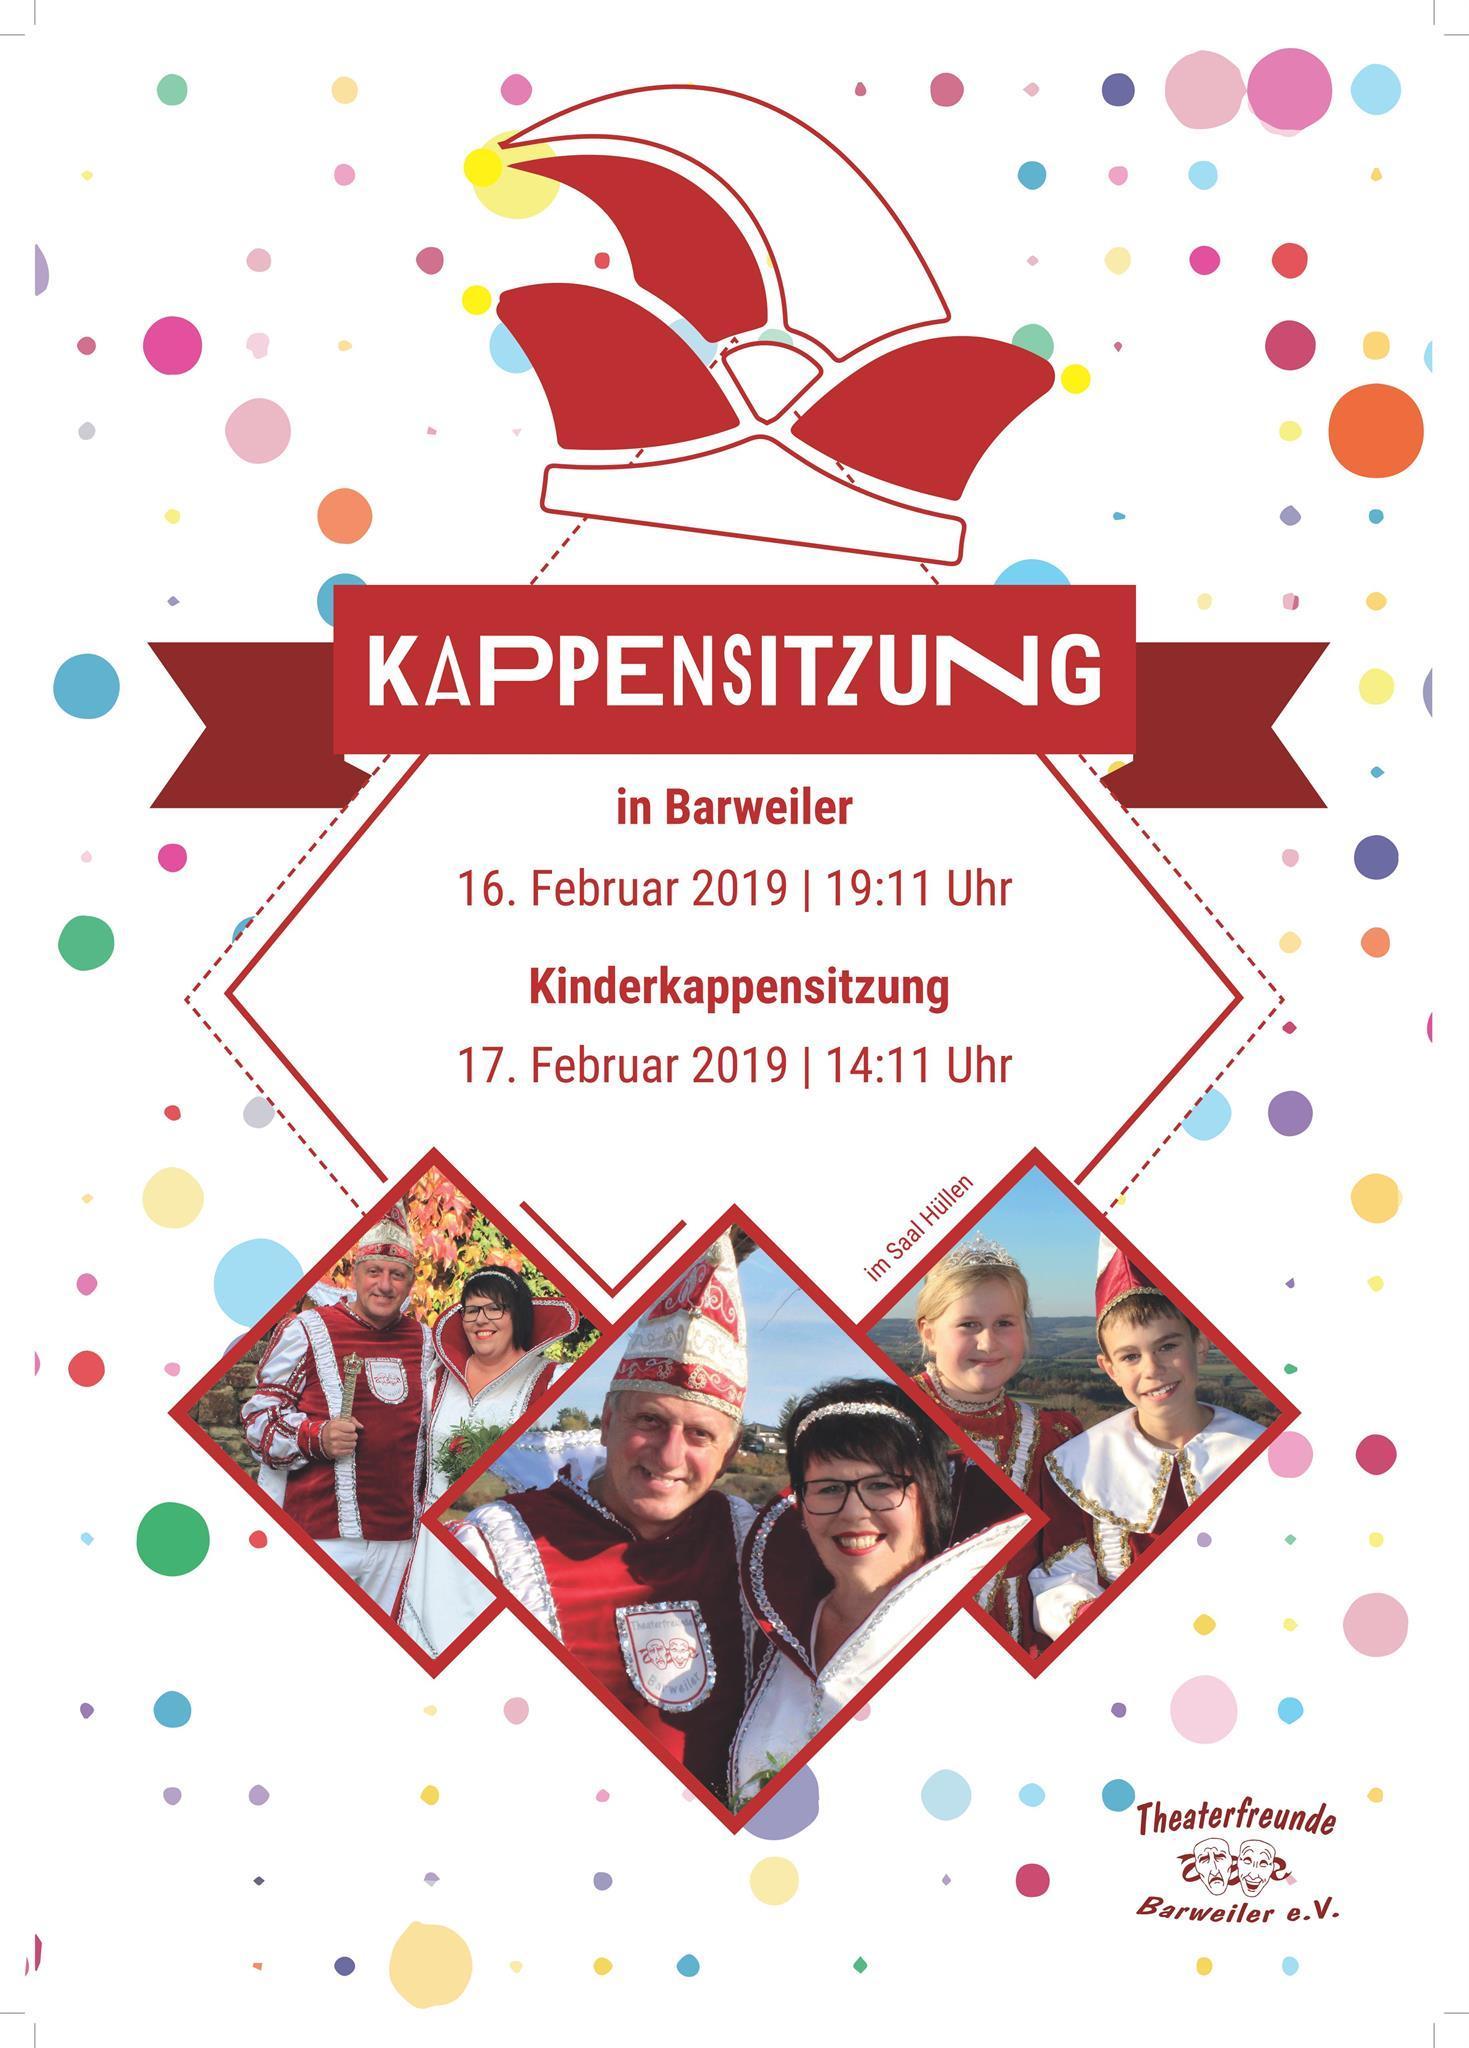 Plakat Kappensitzung, @ Theaterfreunde Barweiler e. V.